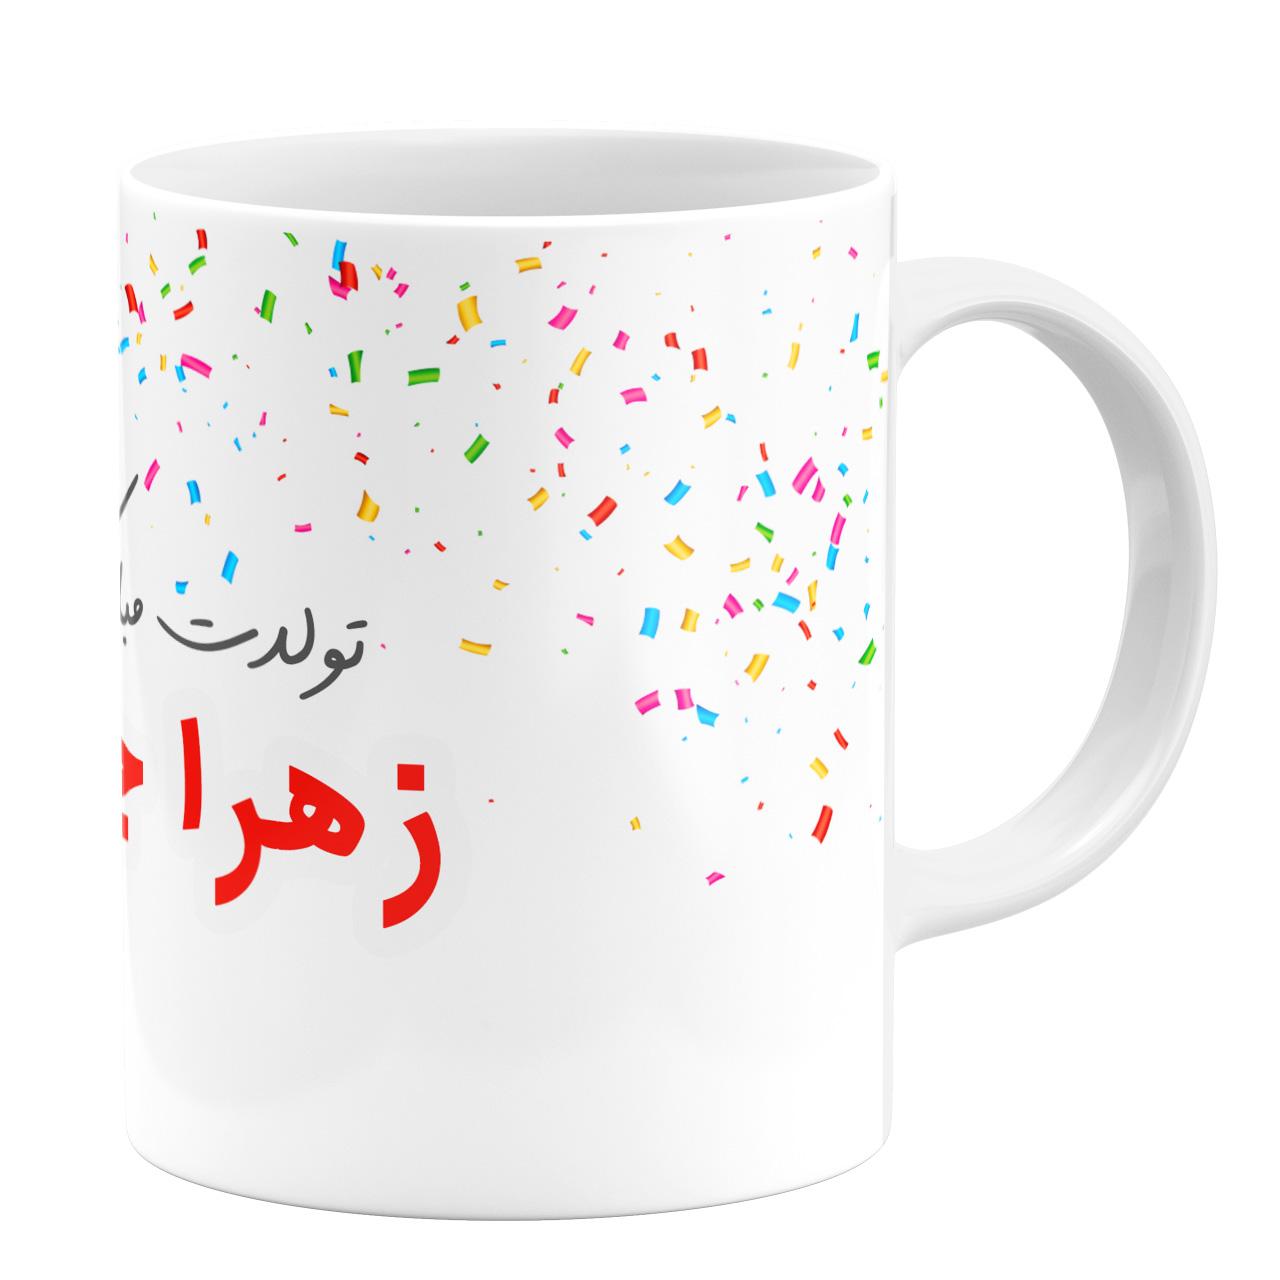 ماگ طرح تولد اسم زهرا کد 1105409192